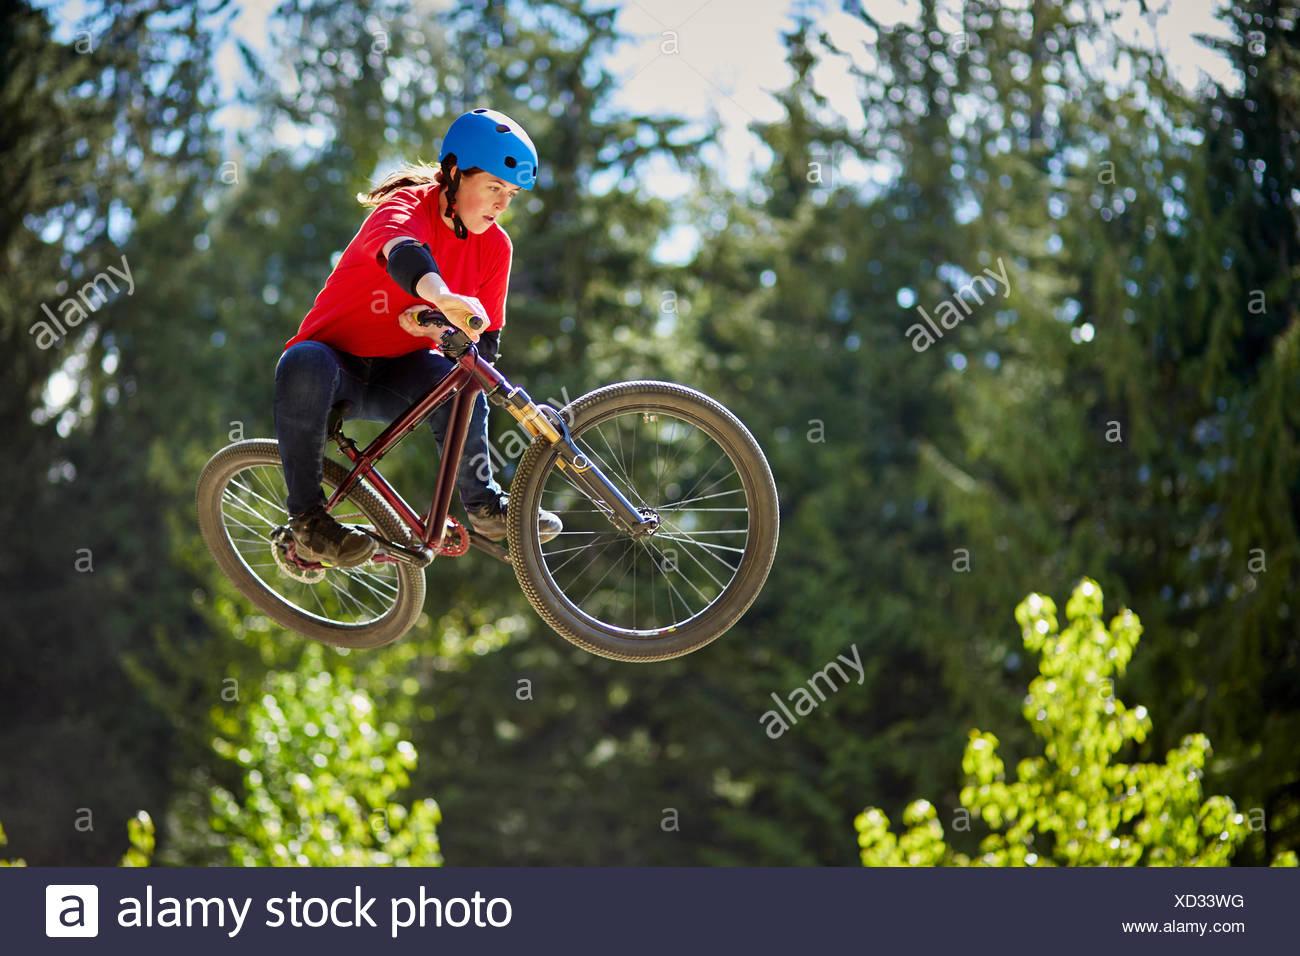 Hembra joven ciclista de BMX saltando el aire en el bosque Imagen De Stock